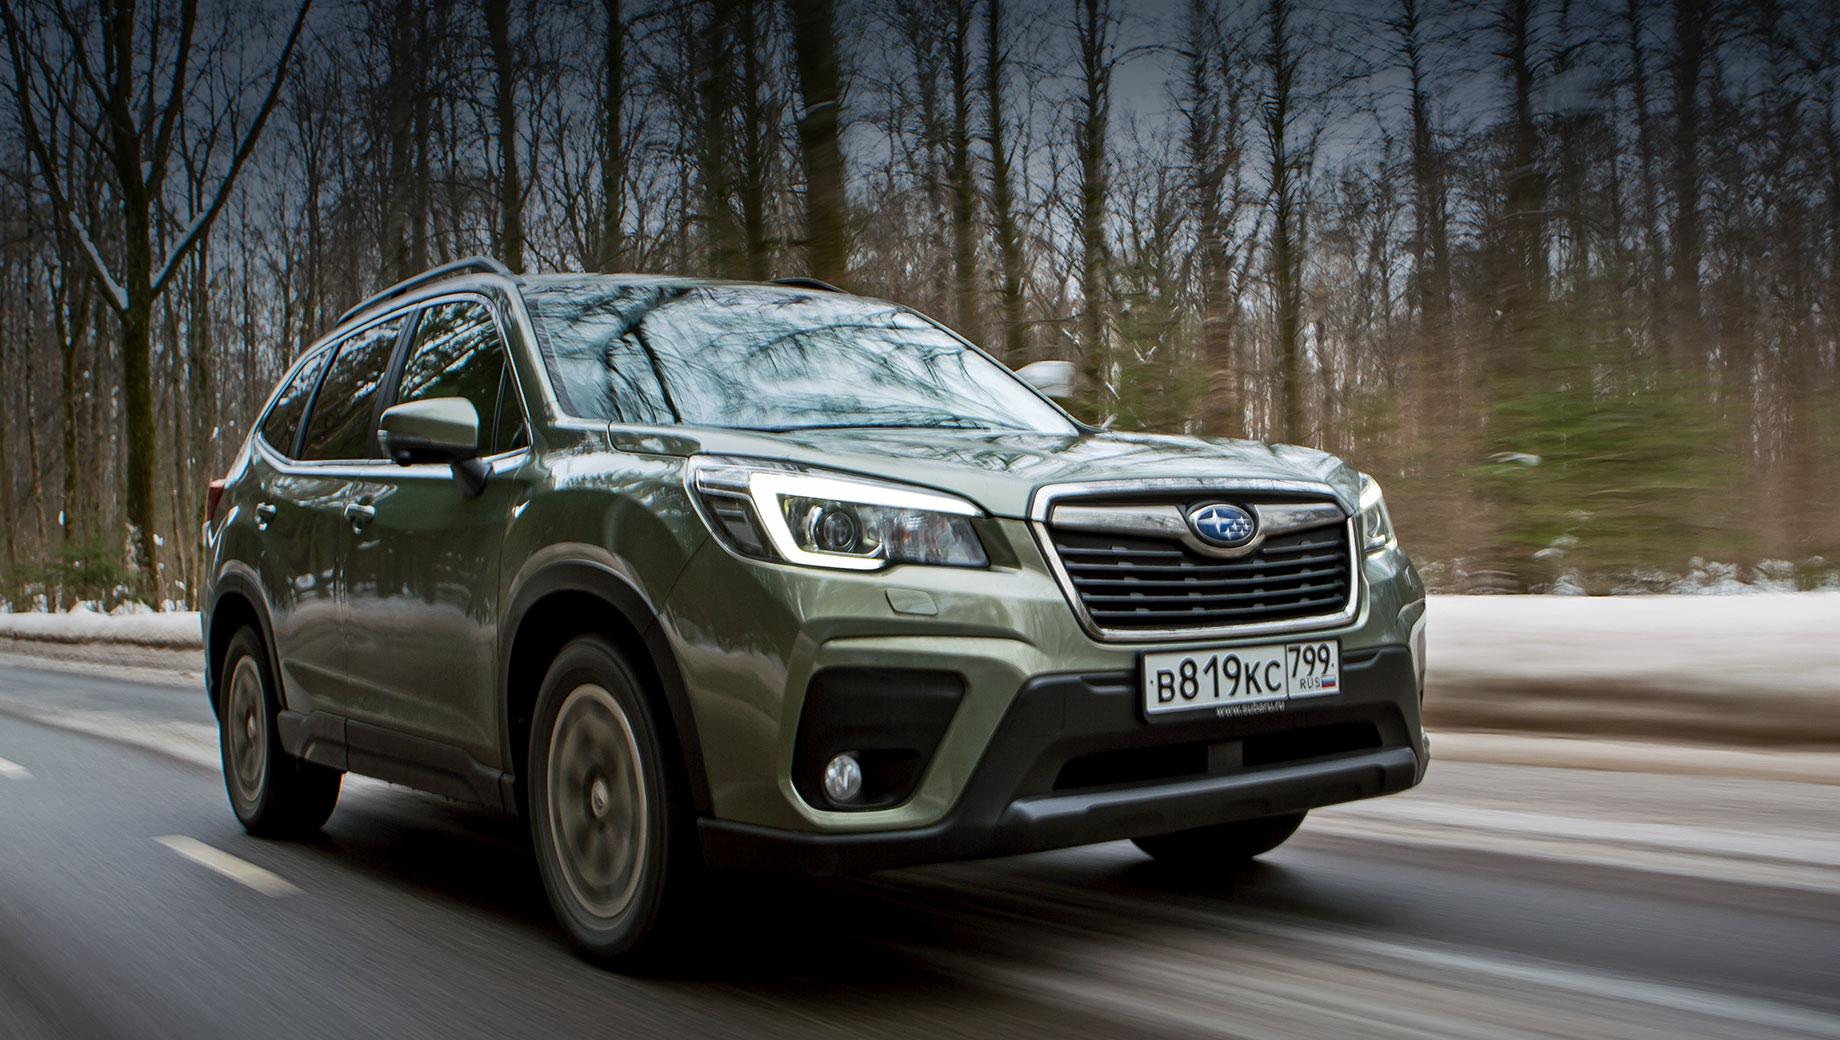 Subaru forester,Subaru xv. Для Форестера это первый российский отзыв в 2021 году. Зимой 2020-го пришлось поменять клапан, чтобы предотвратить утечку масла. В 2019-м Forester избавлялся от эйрбэгов Такаты и сталкивался с теми же неприятностями, что и XV.